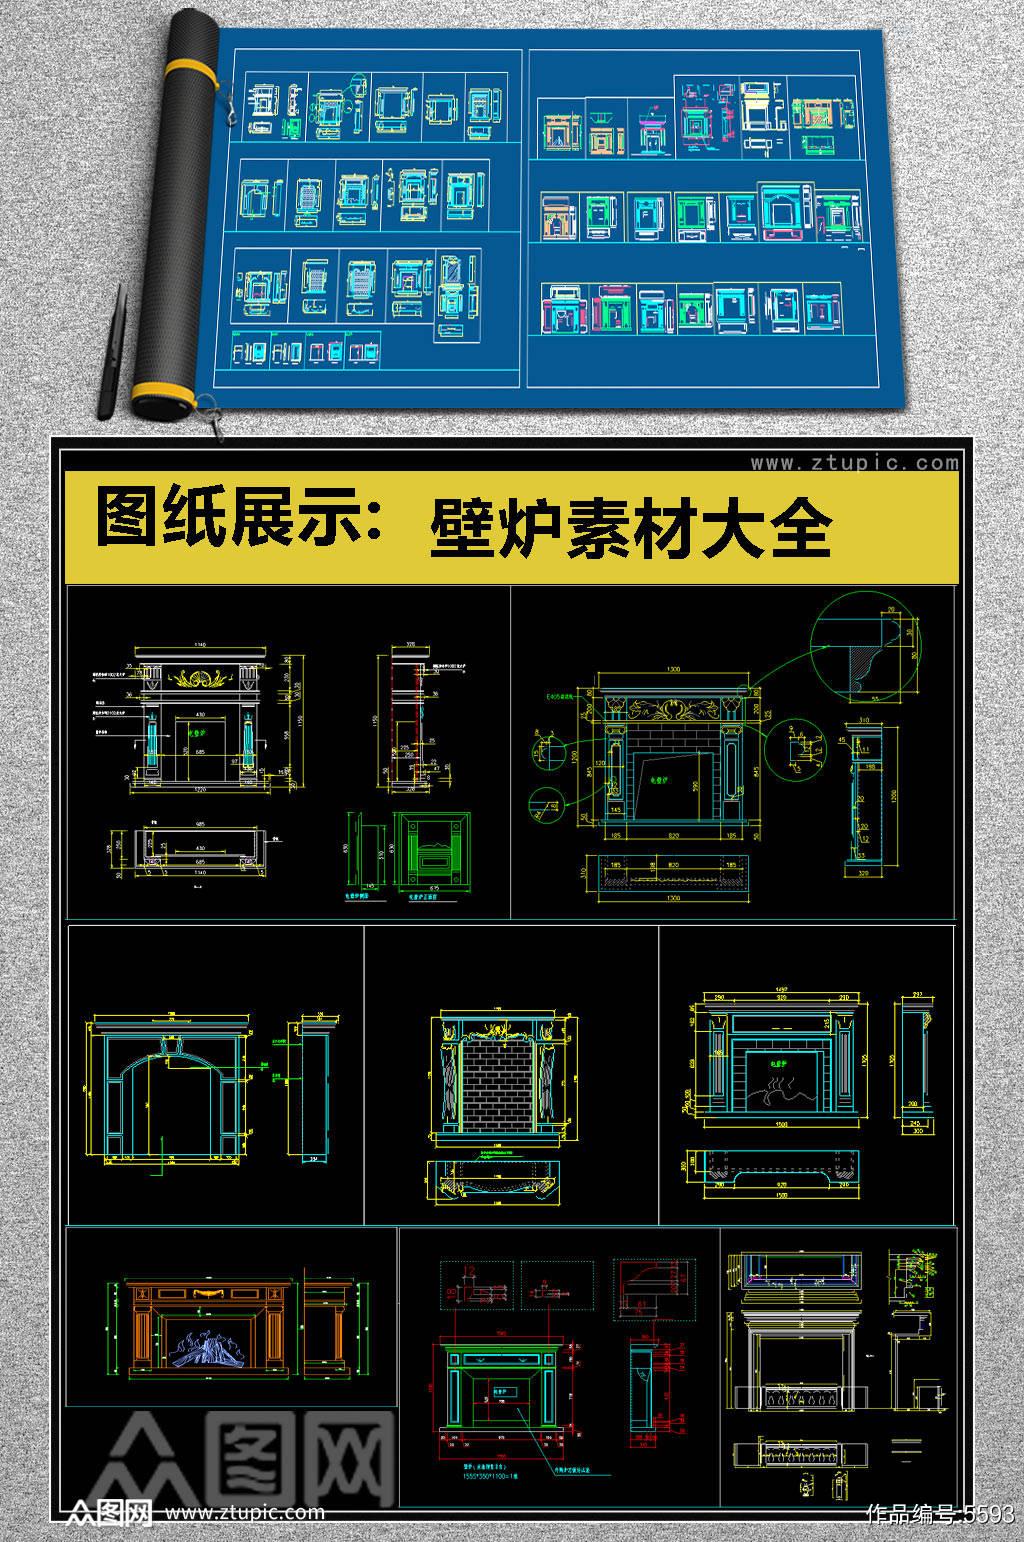 原创最齐全壁炉CAD素材素材